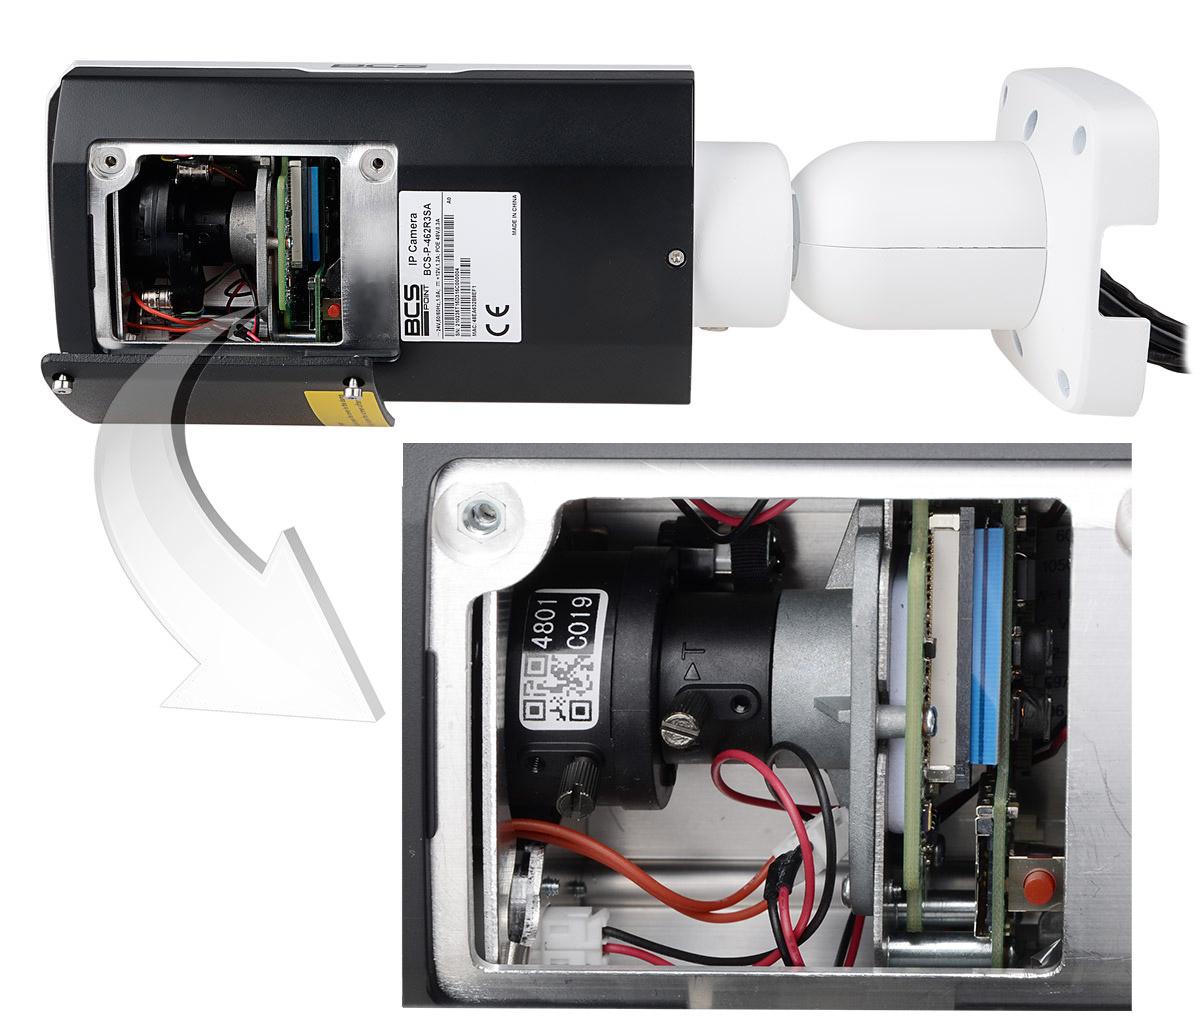 Miejsce regulacji obiektywu w kamerze BCS-P432R3S